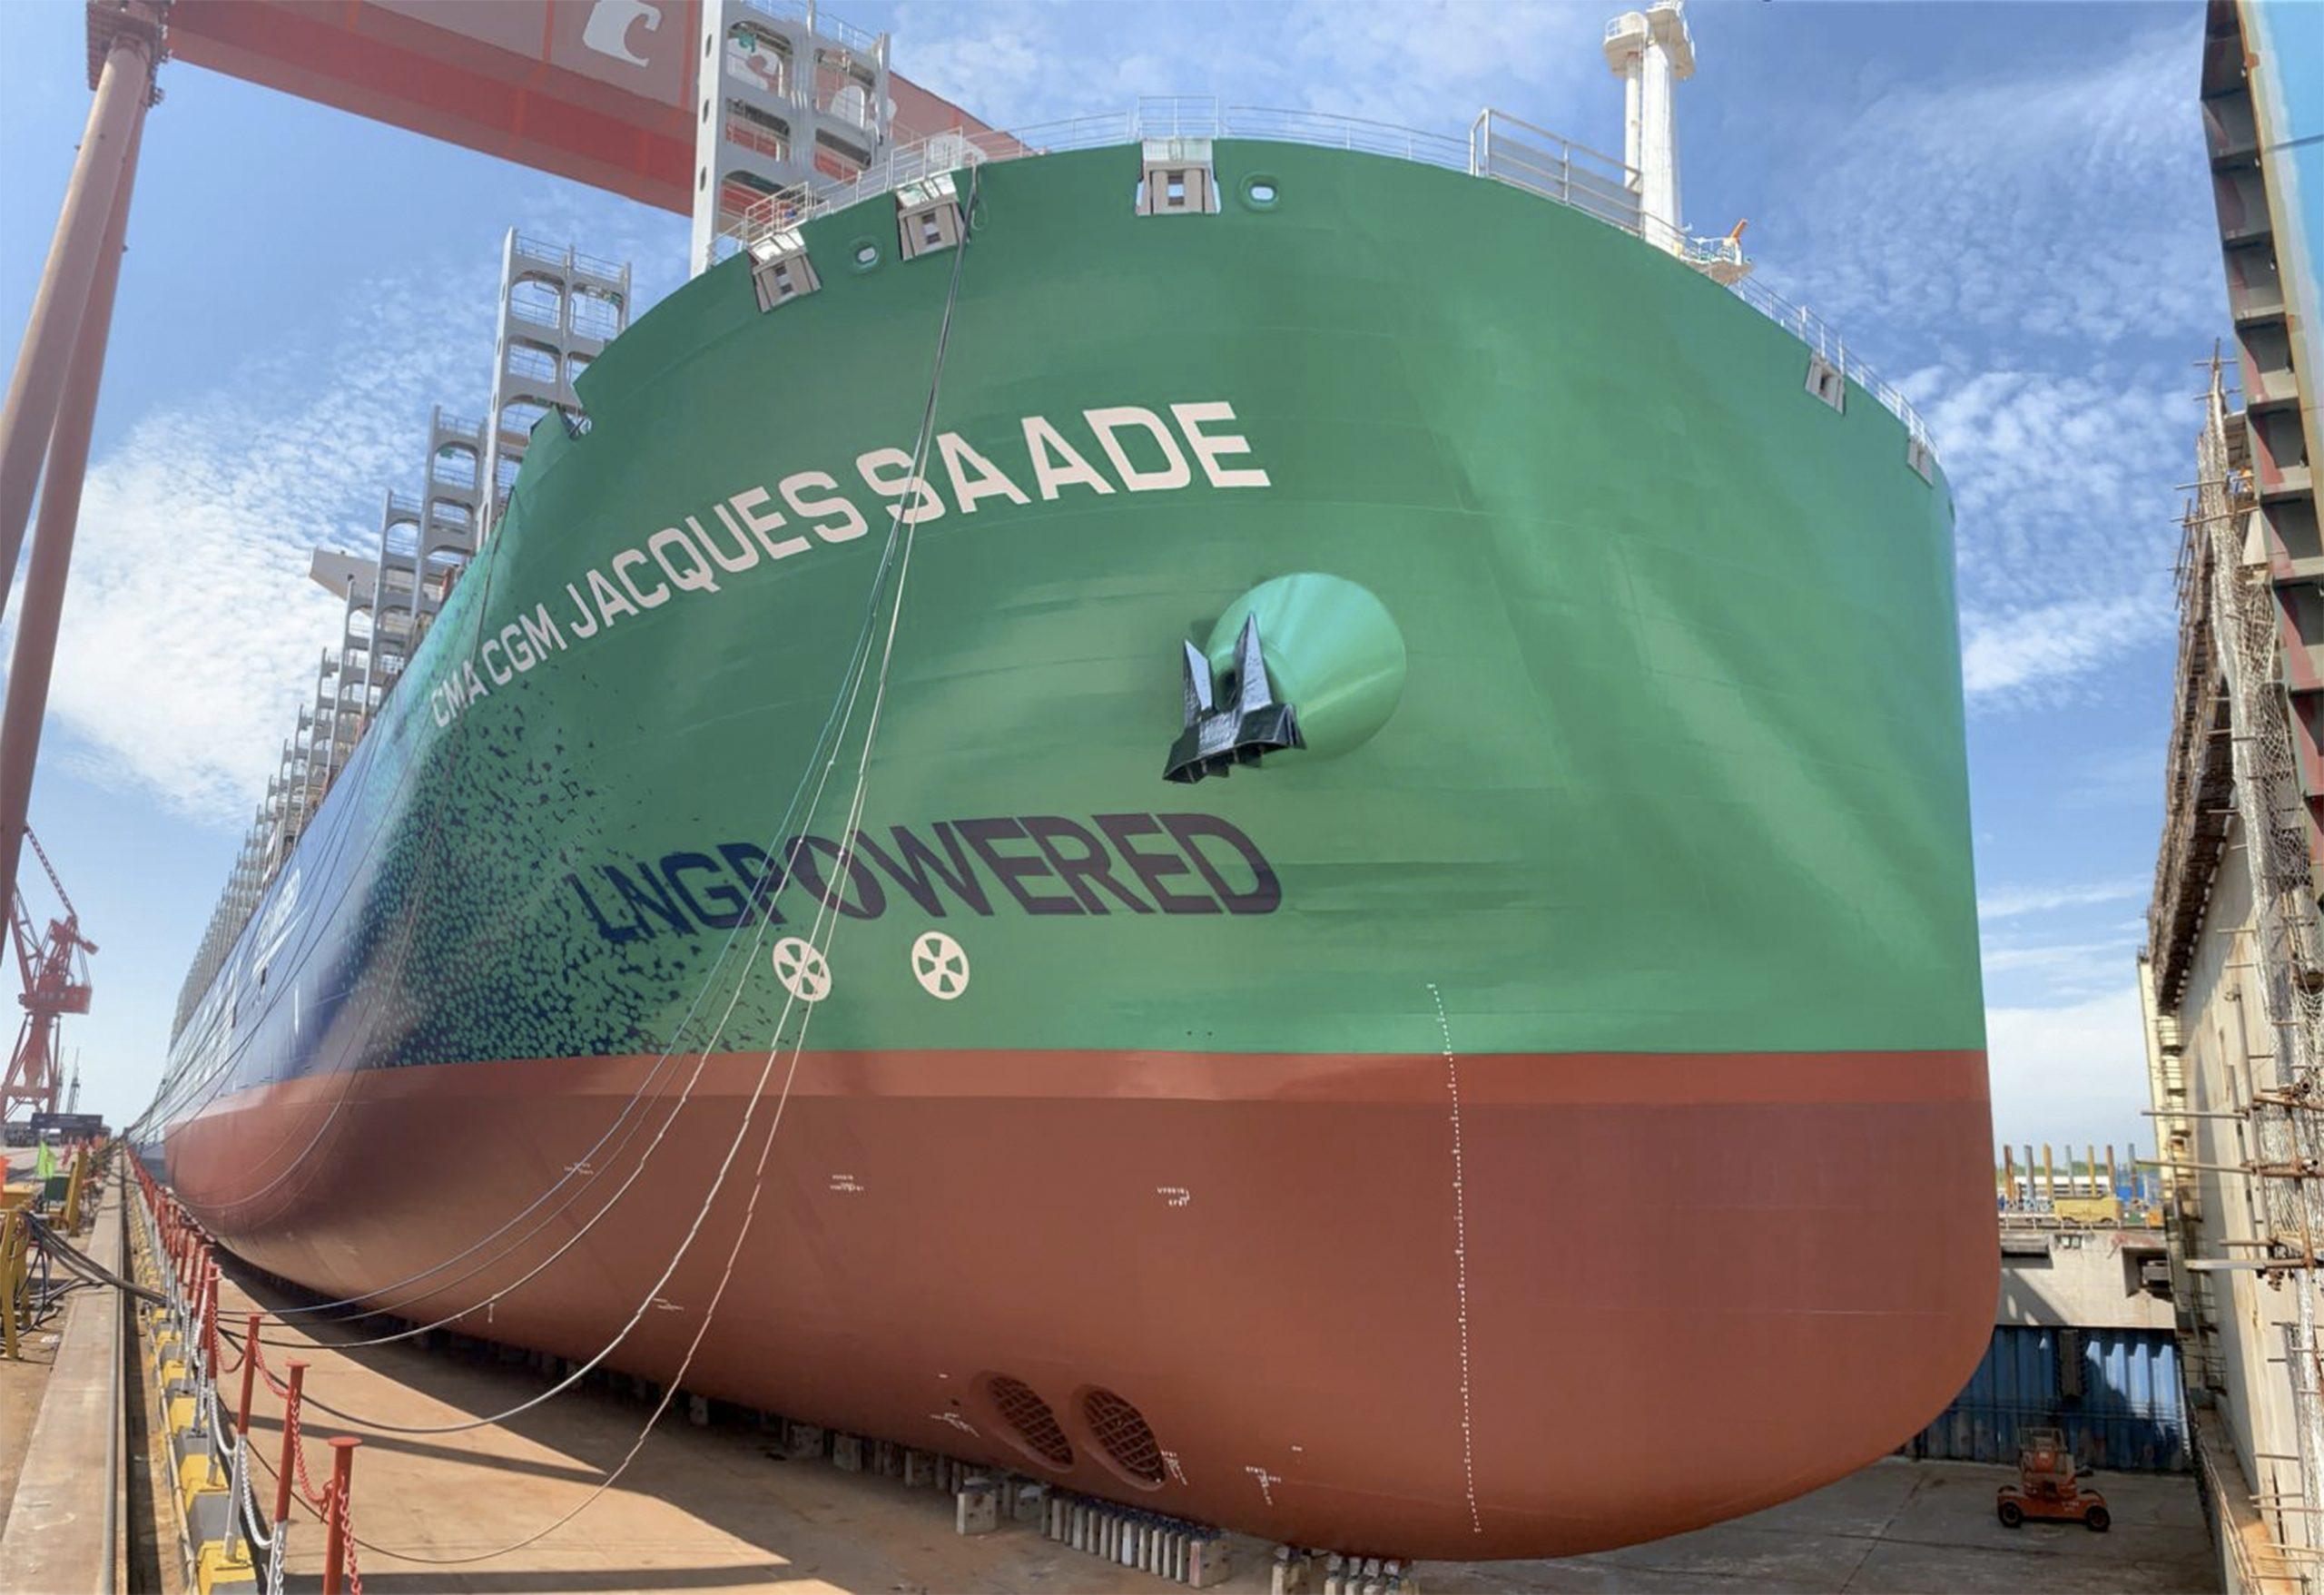 De op LNG varende CMA CGM Jacques Saade heeft een geoptimaliseerde boegvorm en speciale kleurstelling, waarop de Franse rederij 'LNG Powered' heeft laten zetten. Het moet volgens de Fransen een blijvende herinnering zijn aan de 'belangrijkste wereldwijde innovatie op schepen van deze grootte'. (Foto CMA CGM)